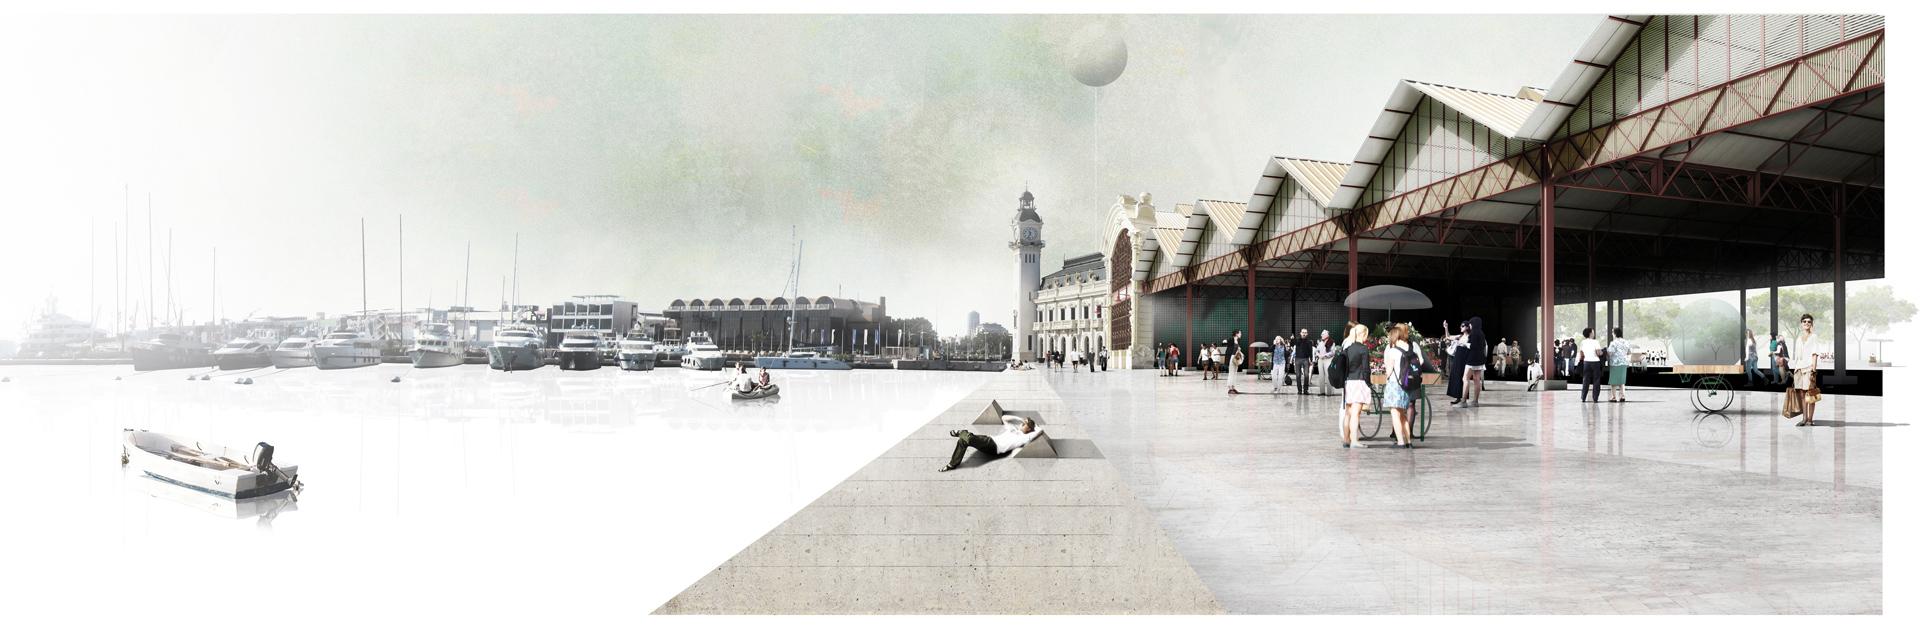 Visualizacion de Arquitectura Archviz Architectural Visualization